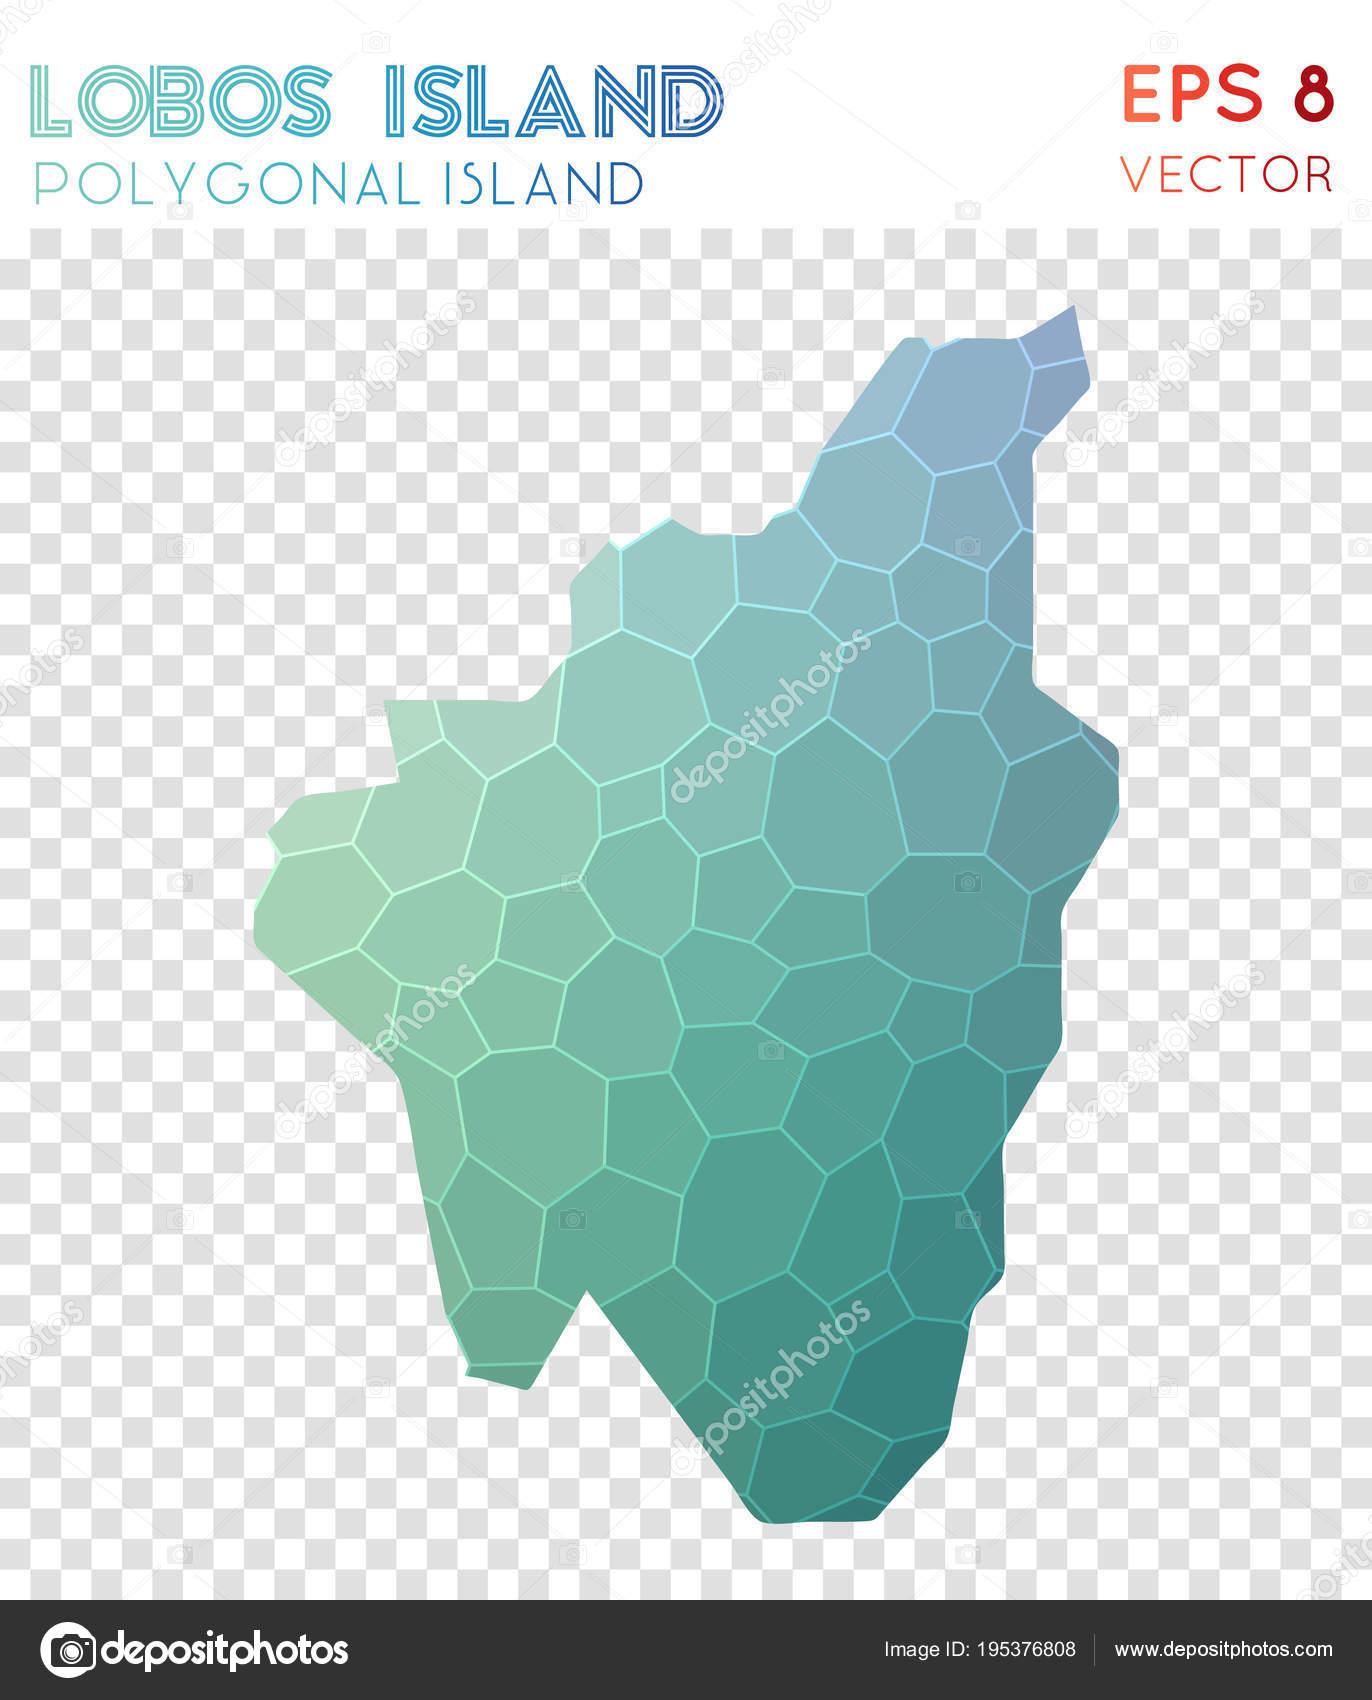 Isla De Lobos Mapa.Isla De Isla De Lobos Mapa Poligonal Mosaico Estilo Diseno